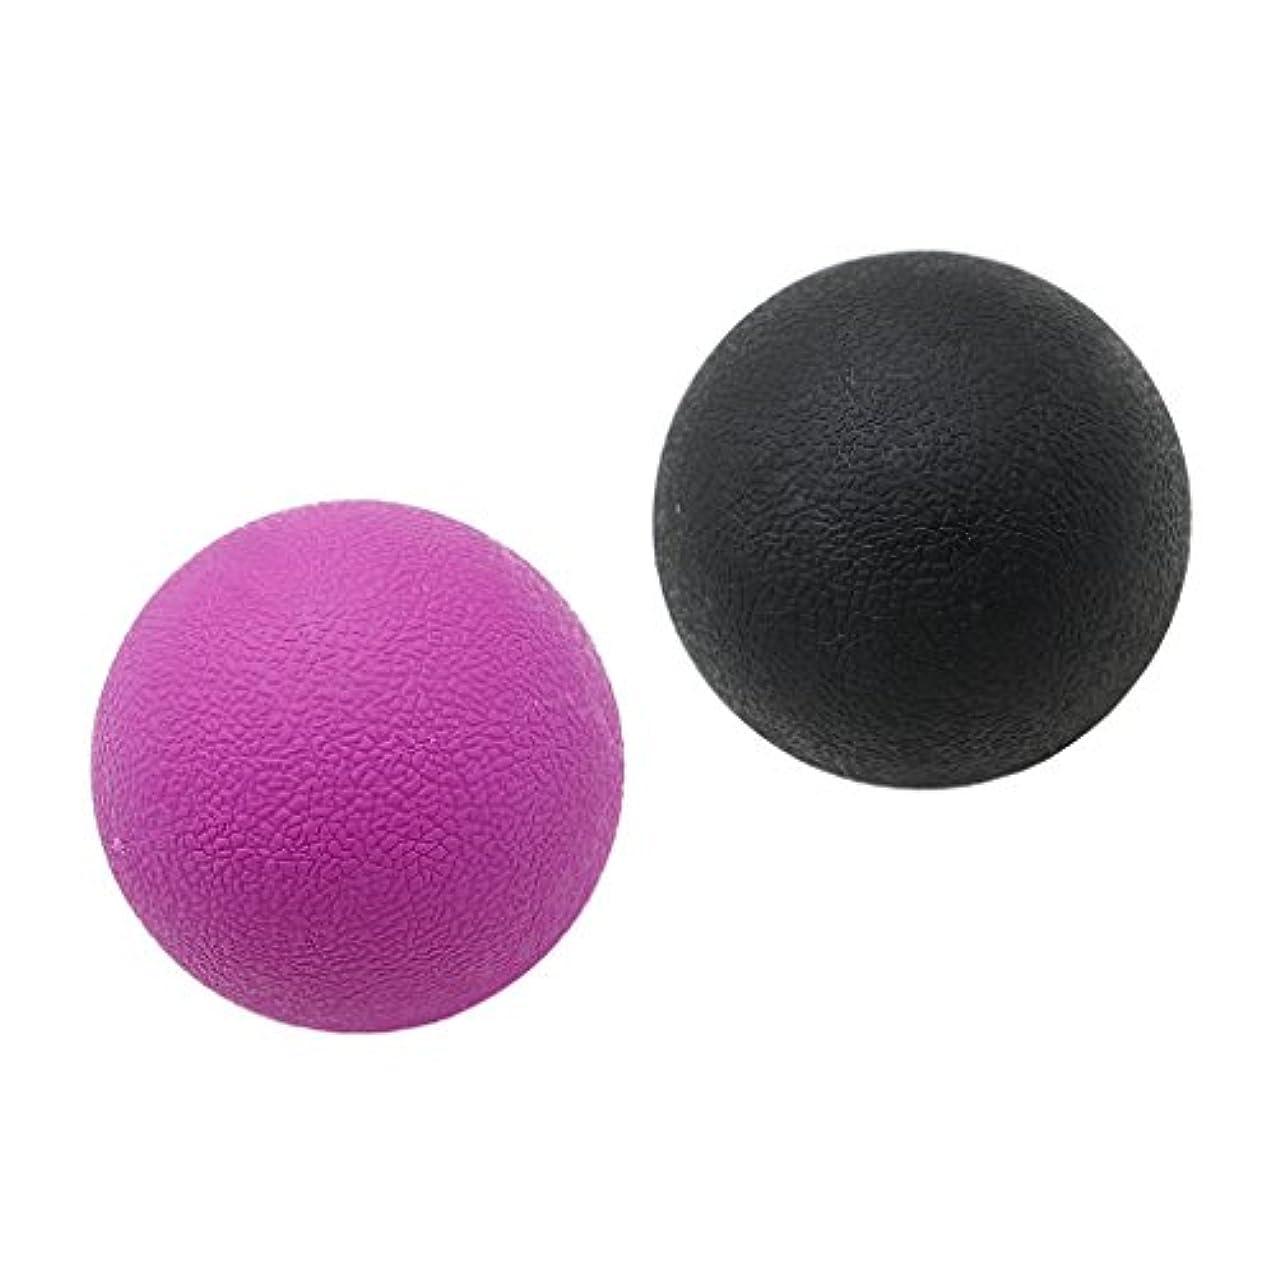 記念碑的な本物宝石Fenteer 2個 マッサージボール ストレッチボール トリガーポイント トレーニング 背中 肩 腰 マッサージ 多色選べる - ブラックパープル